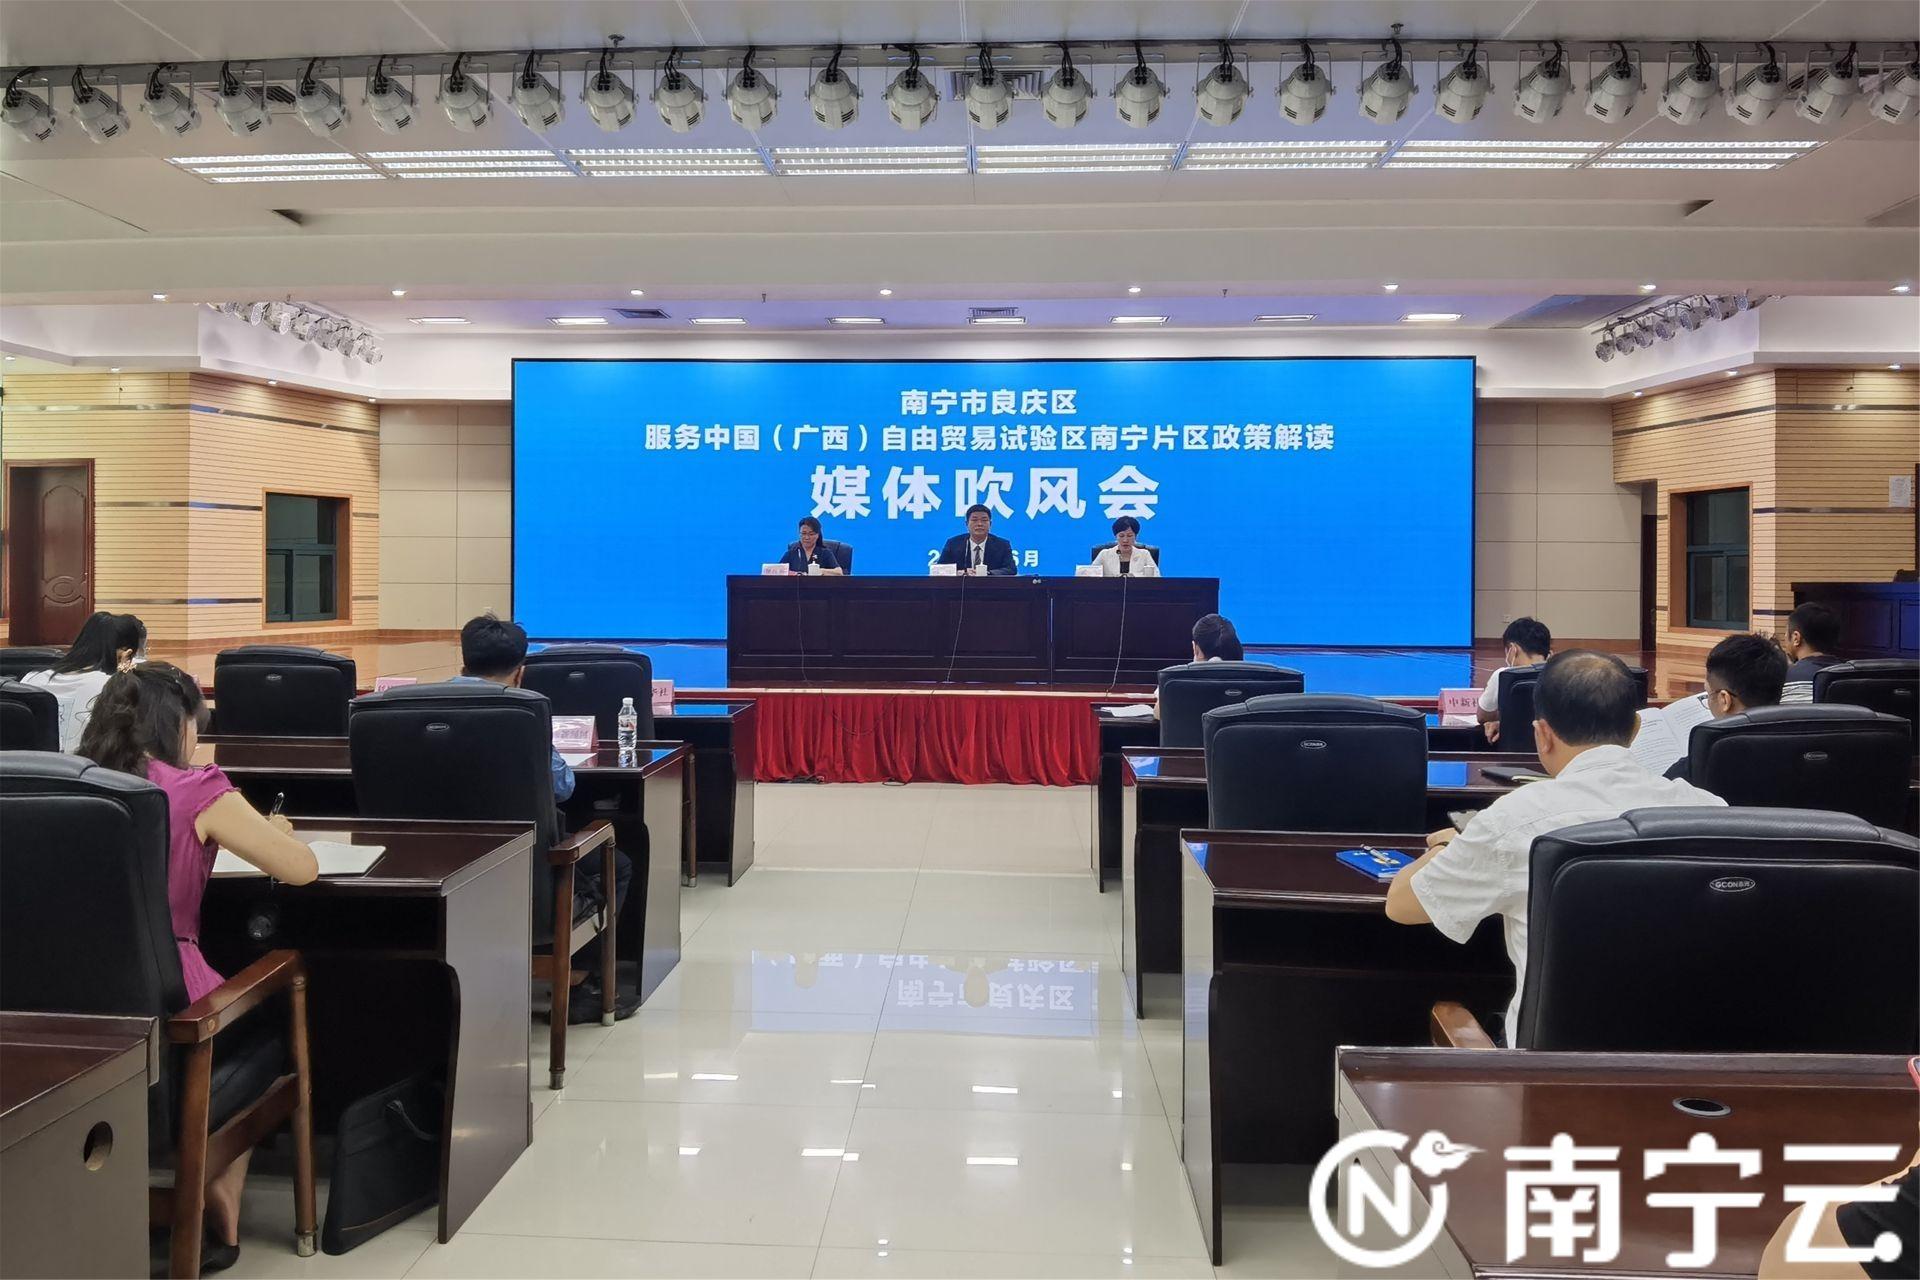 良庆区出台服务广西自贸区南宁片区企业开办奖励政策